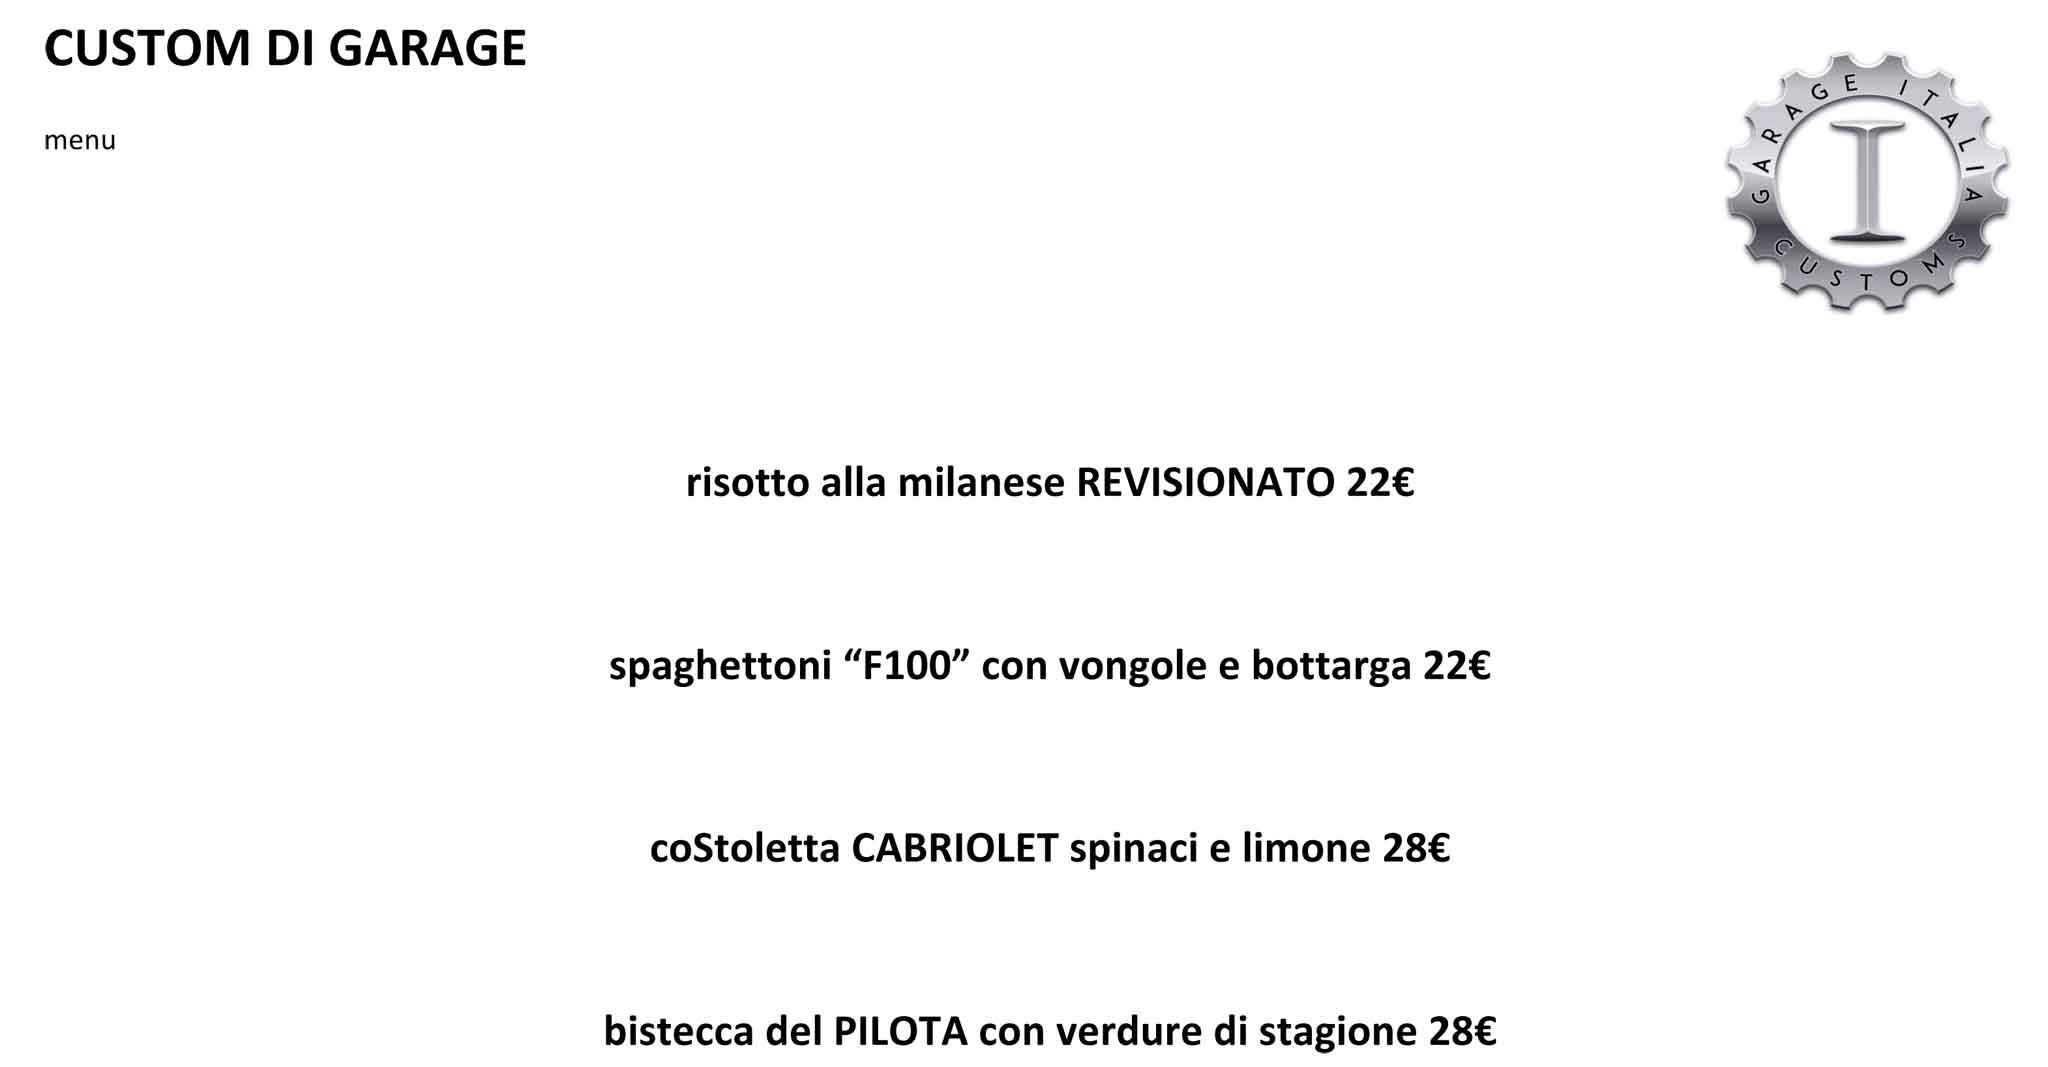 Milano menu e prezzi dei piatti di garage italia customs for Prezzi del garage della carrozza